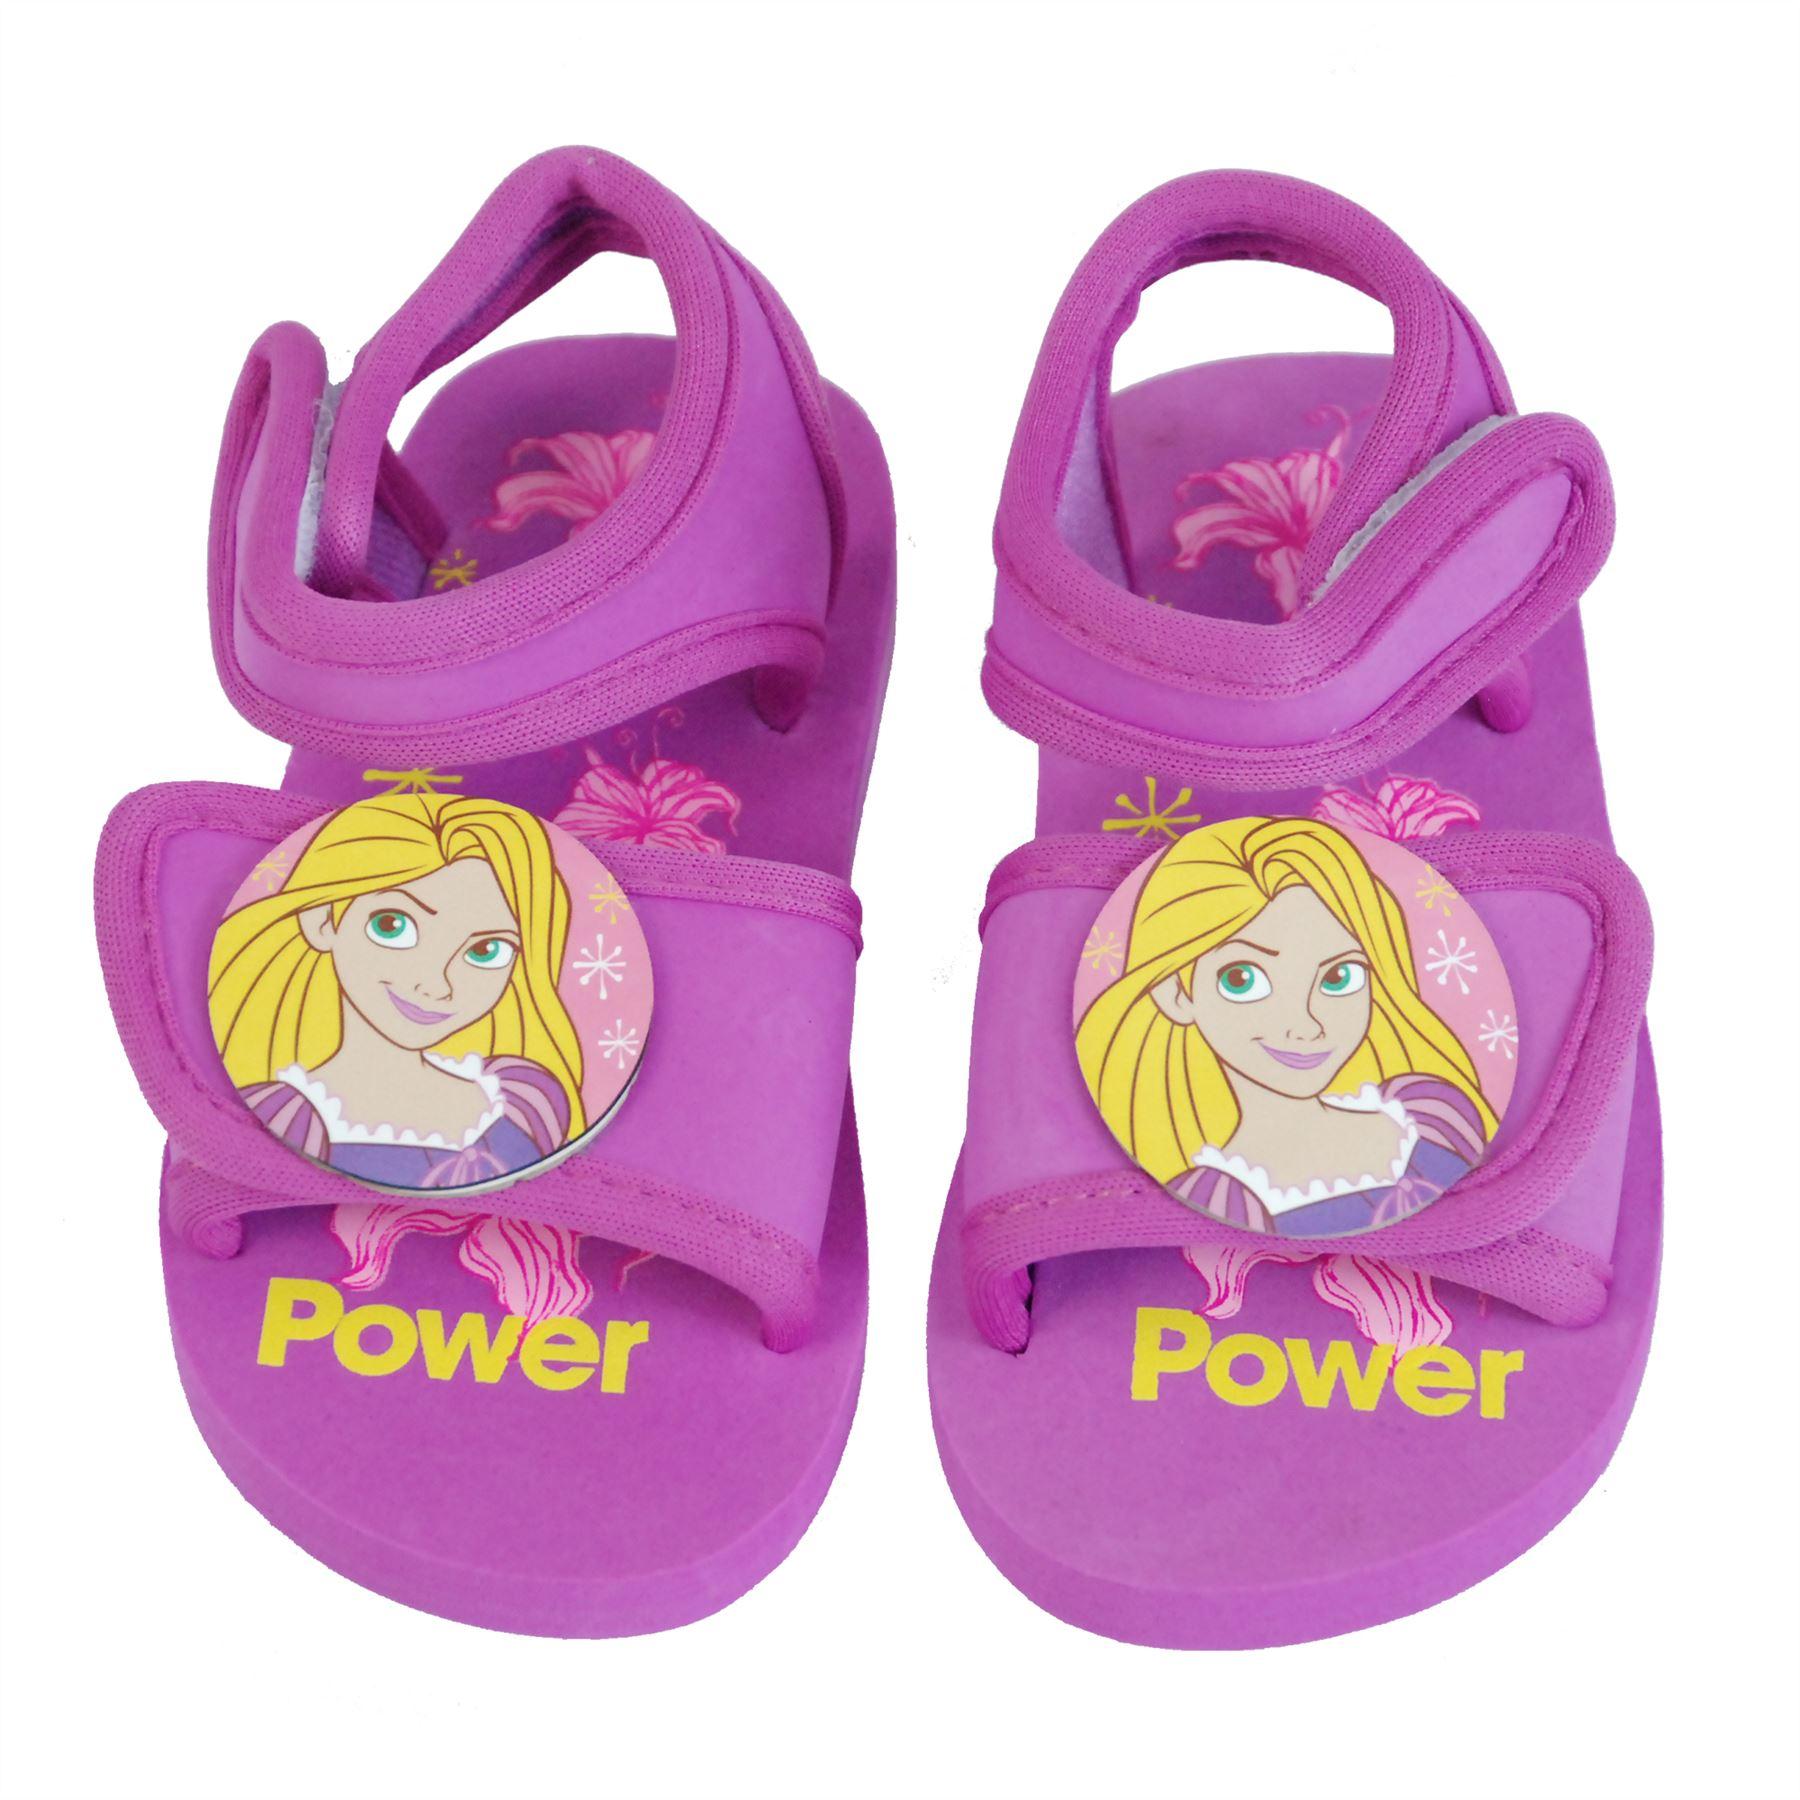 Disney ficial Princess Girls Velcro Sandals Indoor Outdoor Beach